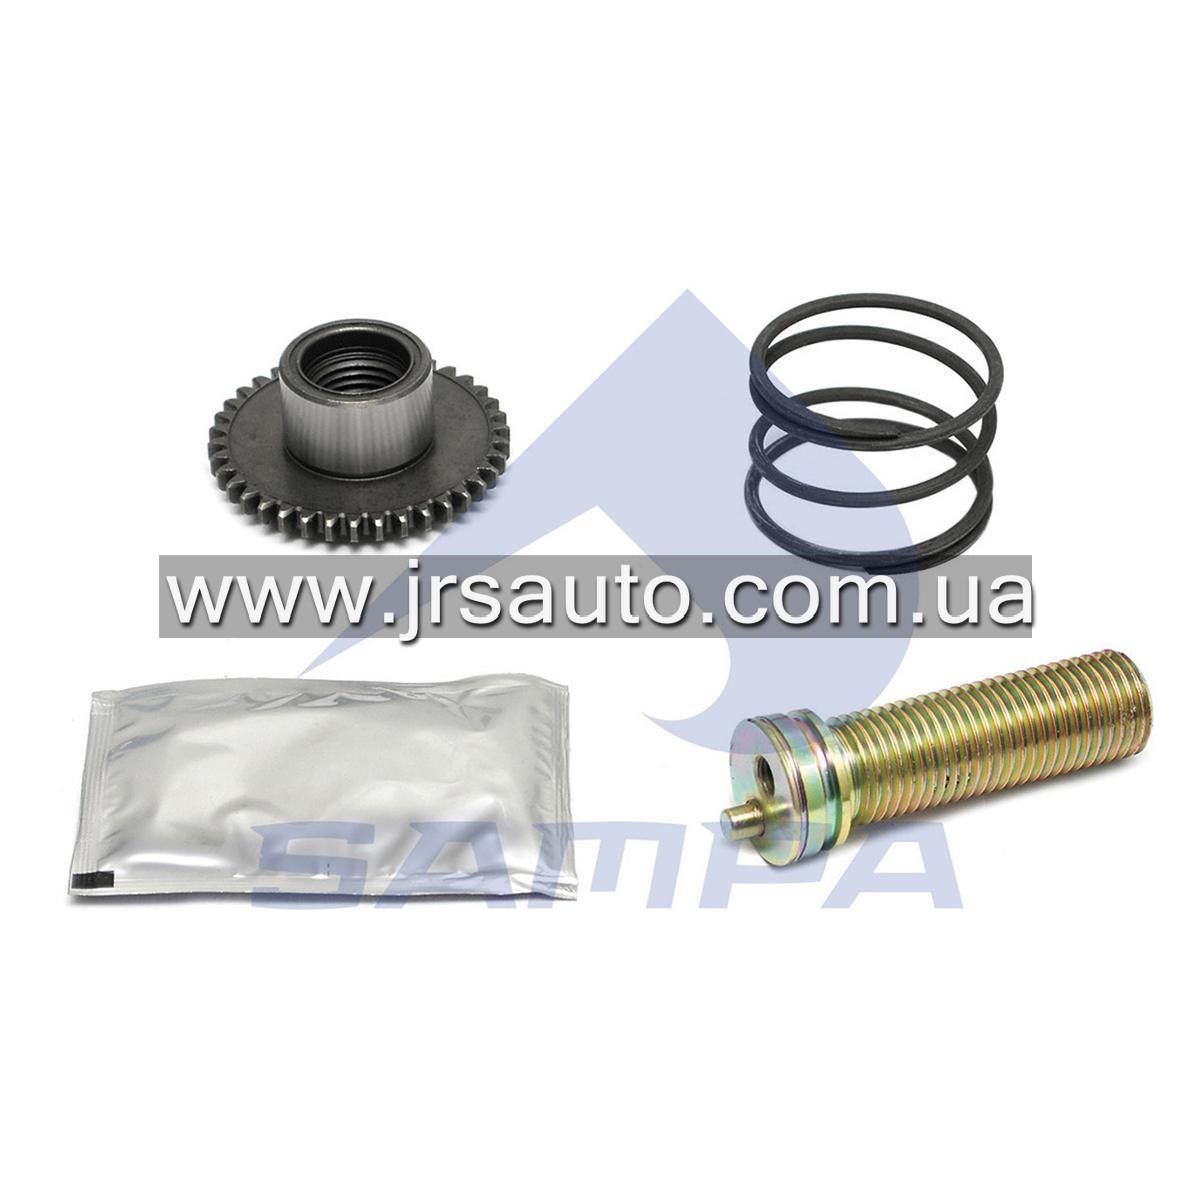 Ремкомплект суппорта ROR (M27x3 L) \SJ4073 \ 095.703